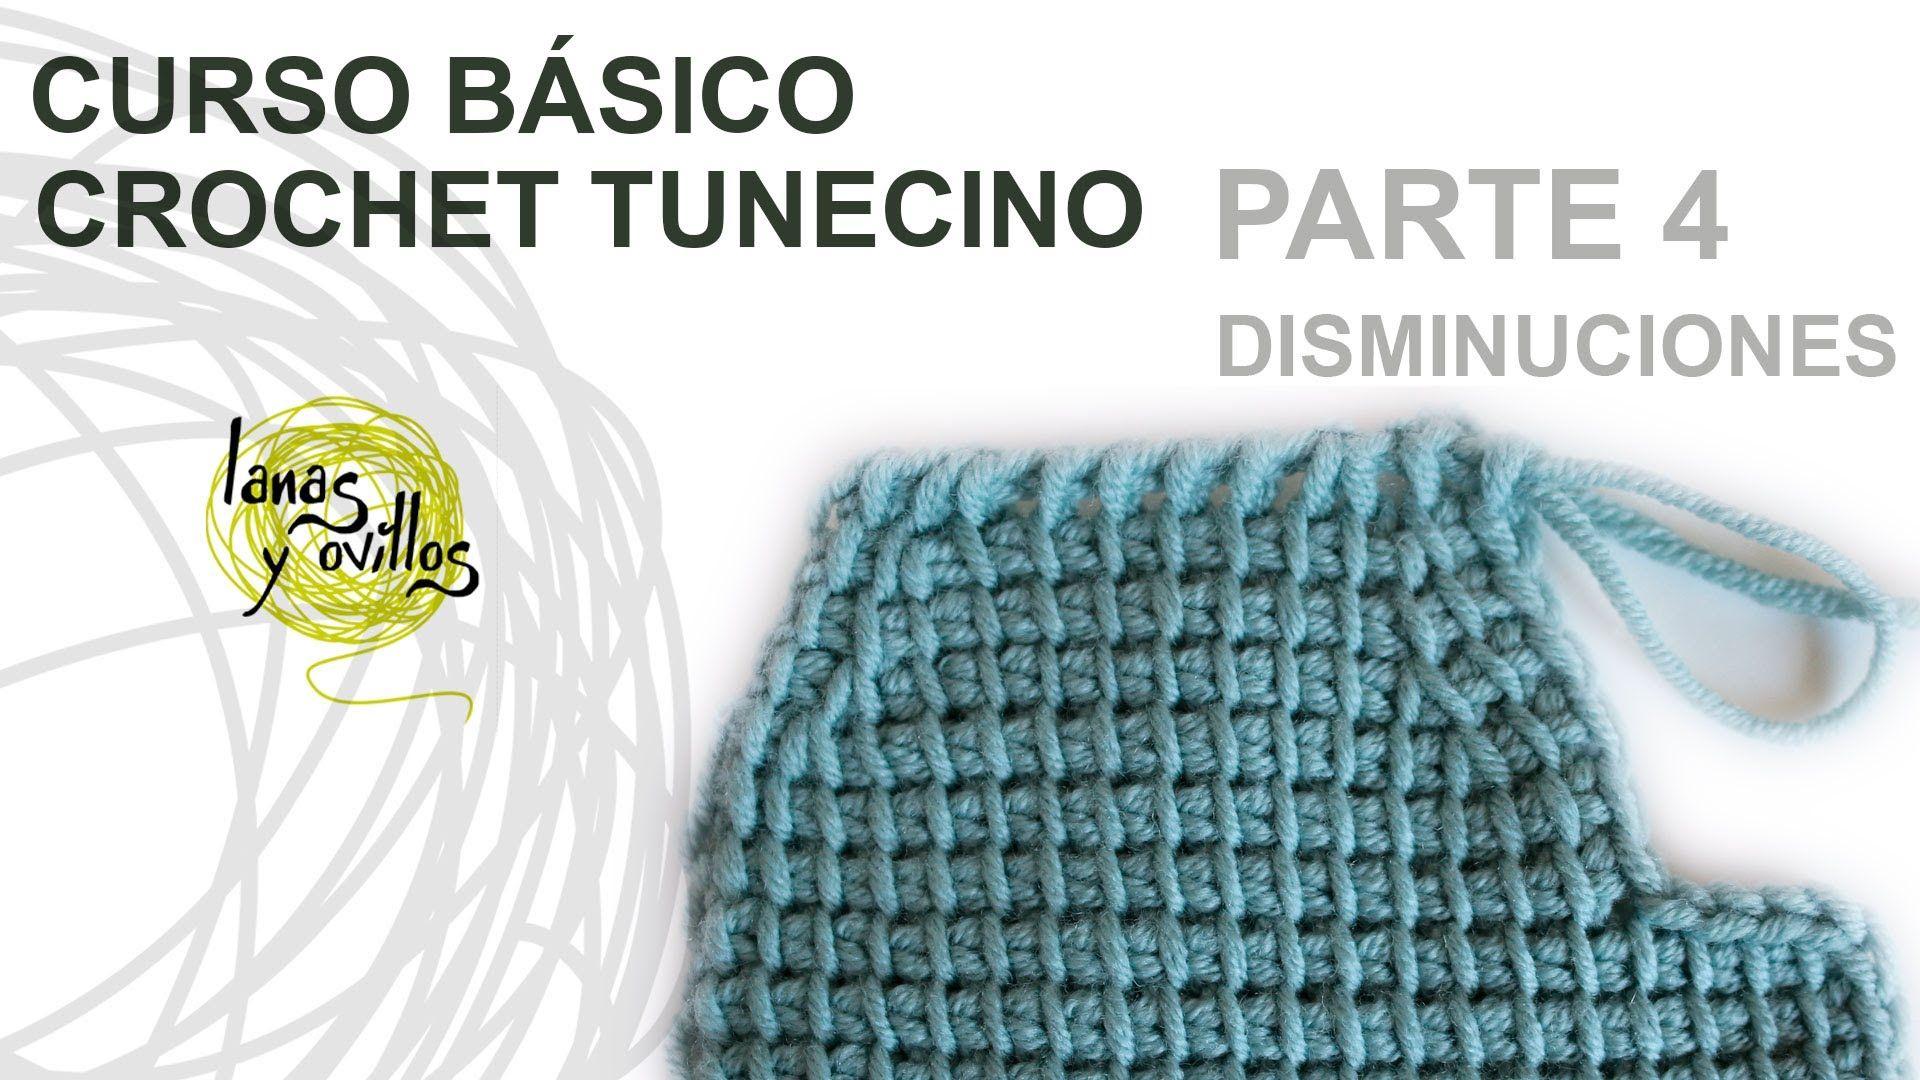 Curso Básico Crochet Tunecino: Parte 4 Disminuciones | Crochet video ...